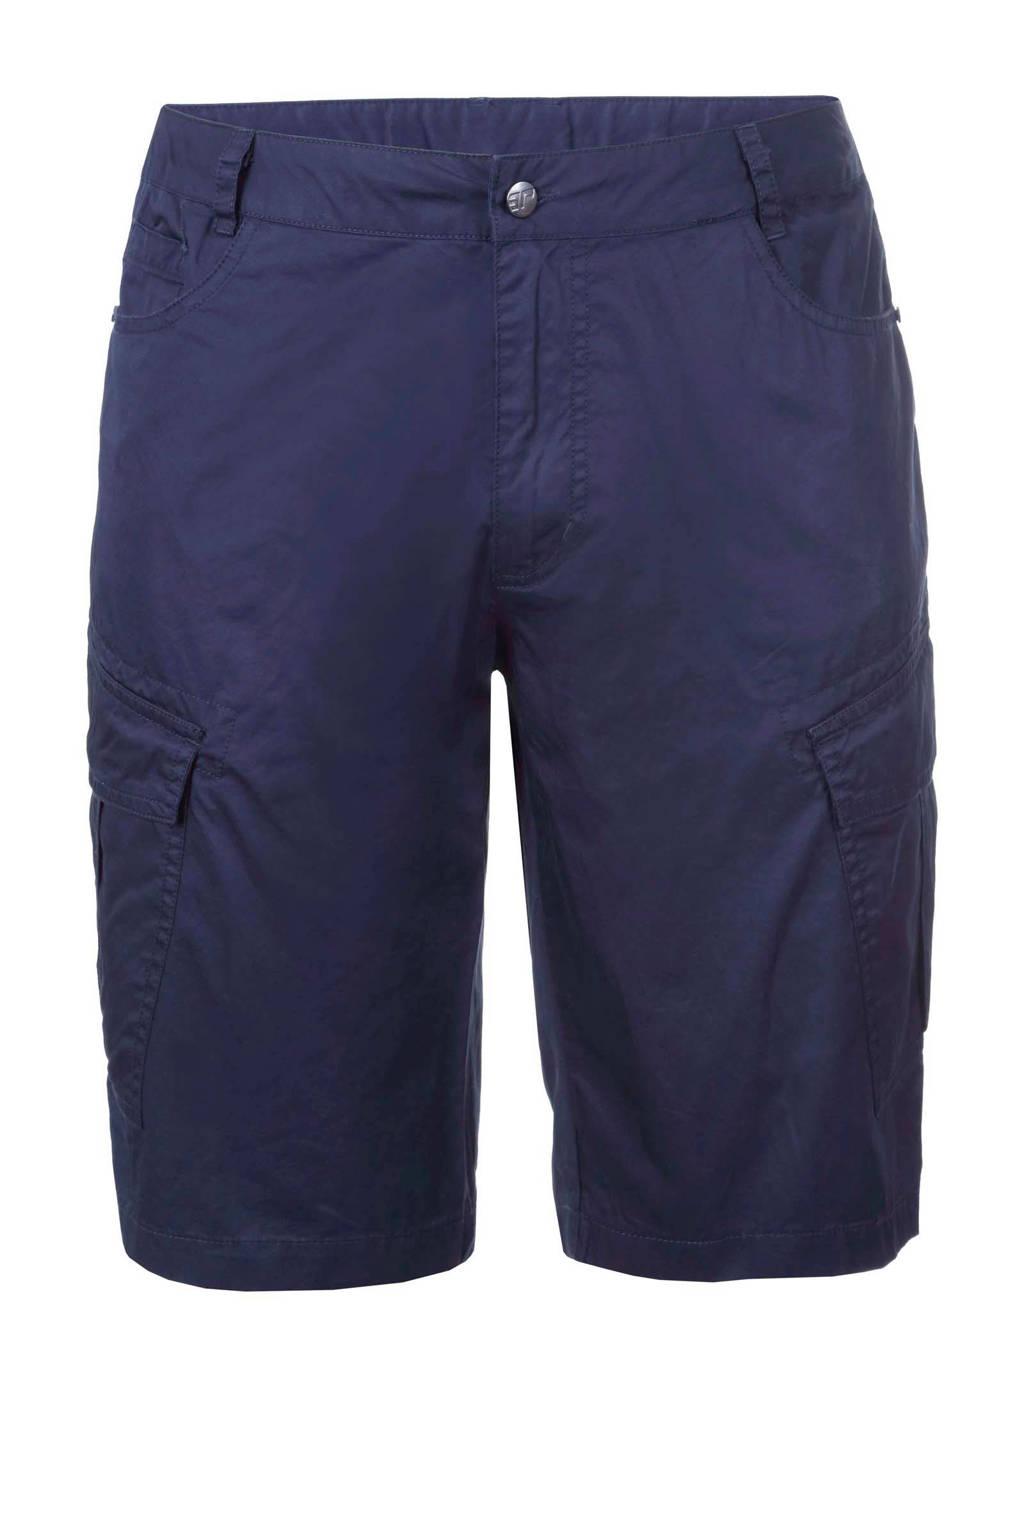 Icepeak outdoor short blauw, Dark Blue